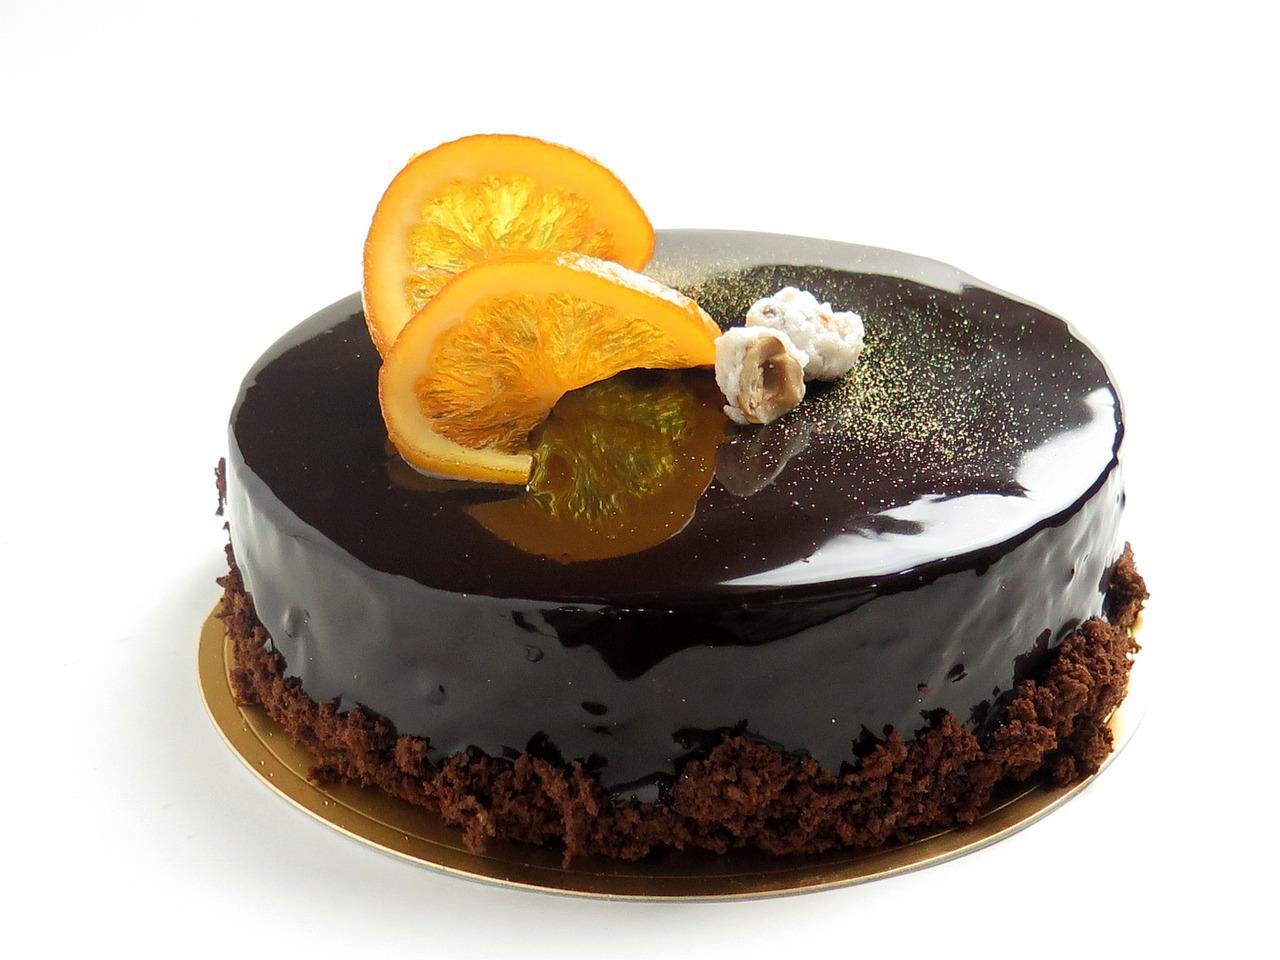 Tort de ciocolată. Cel mai bun desert recomandat de maeștrii cofetari